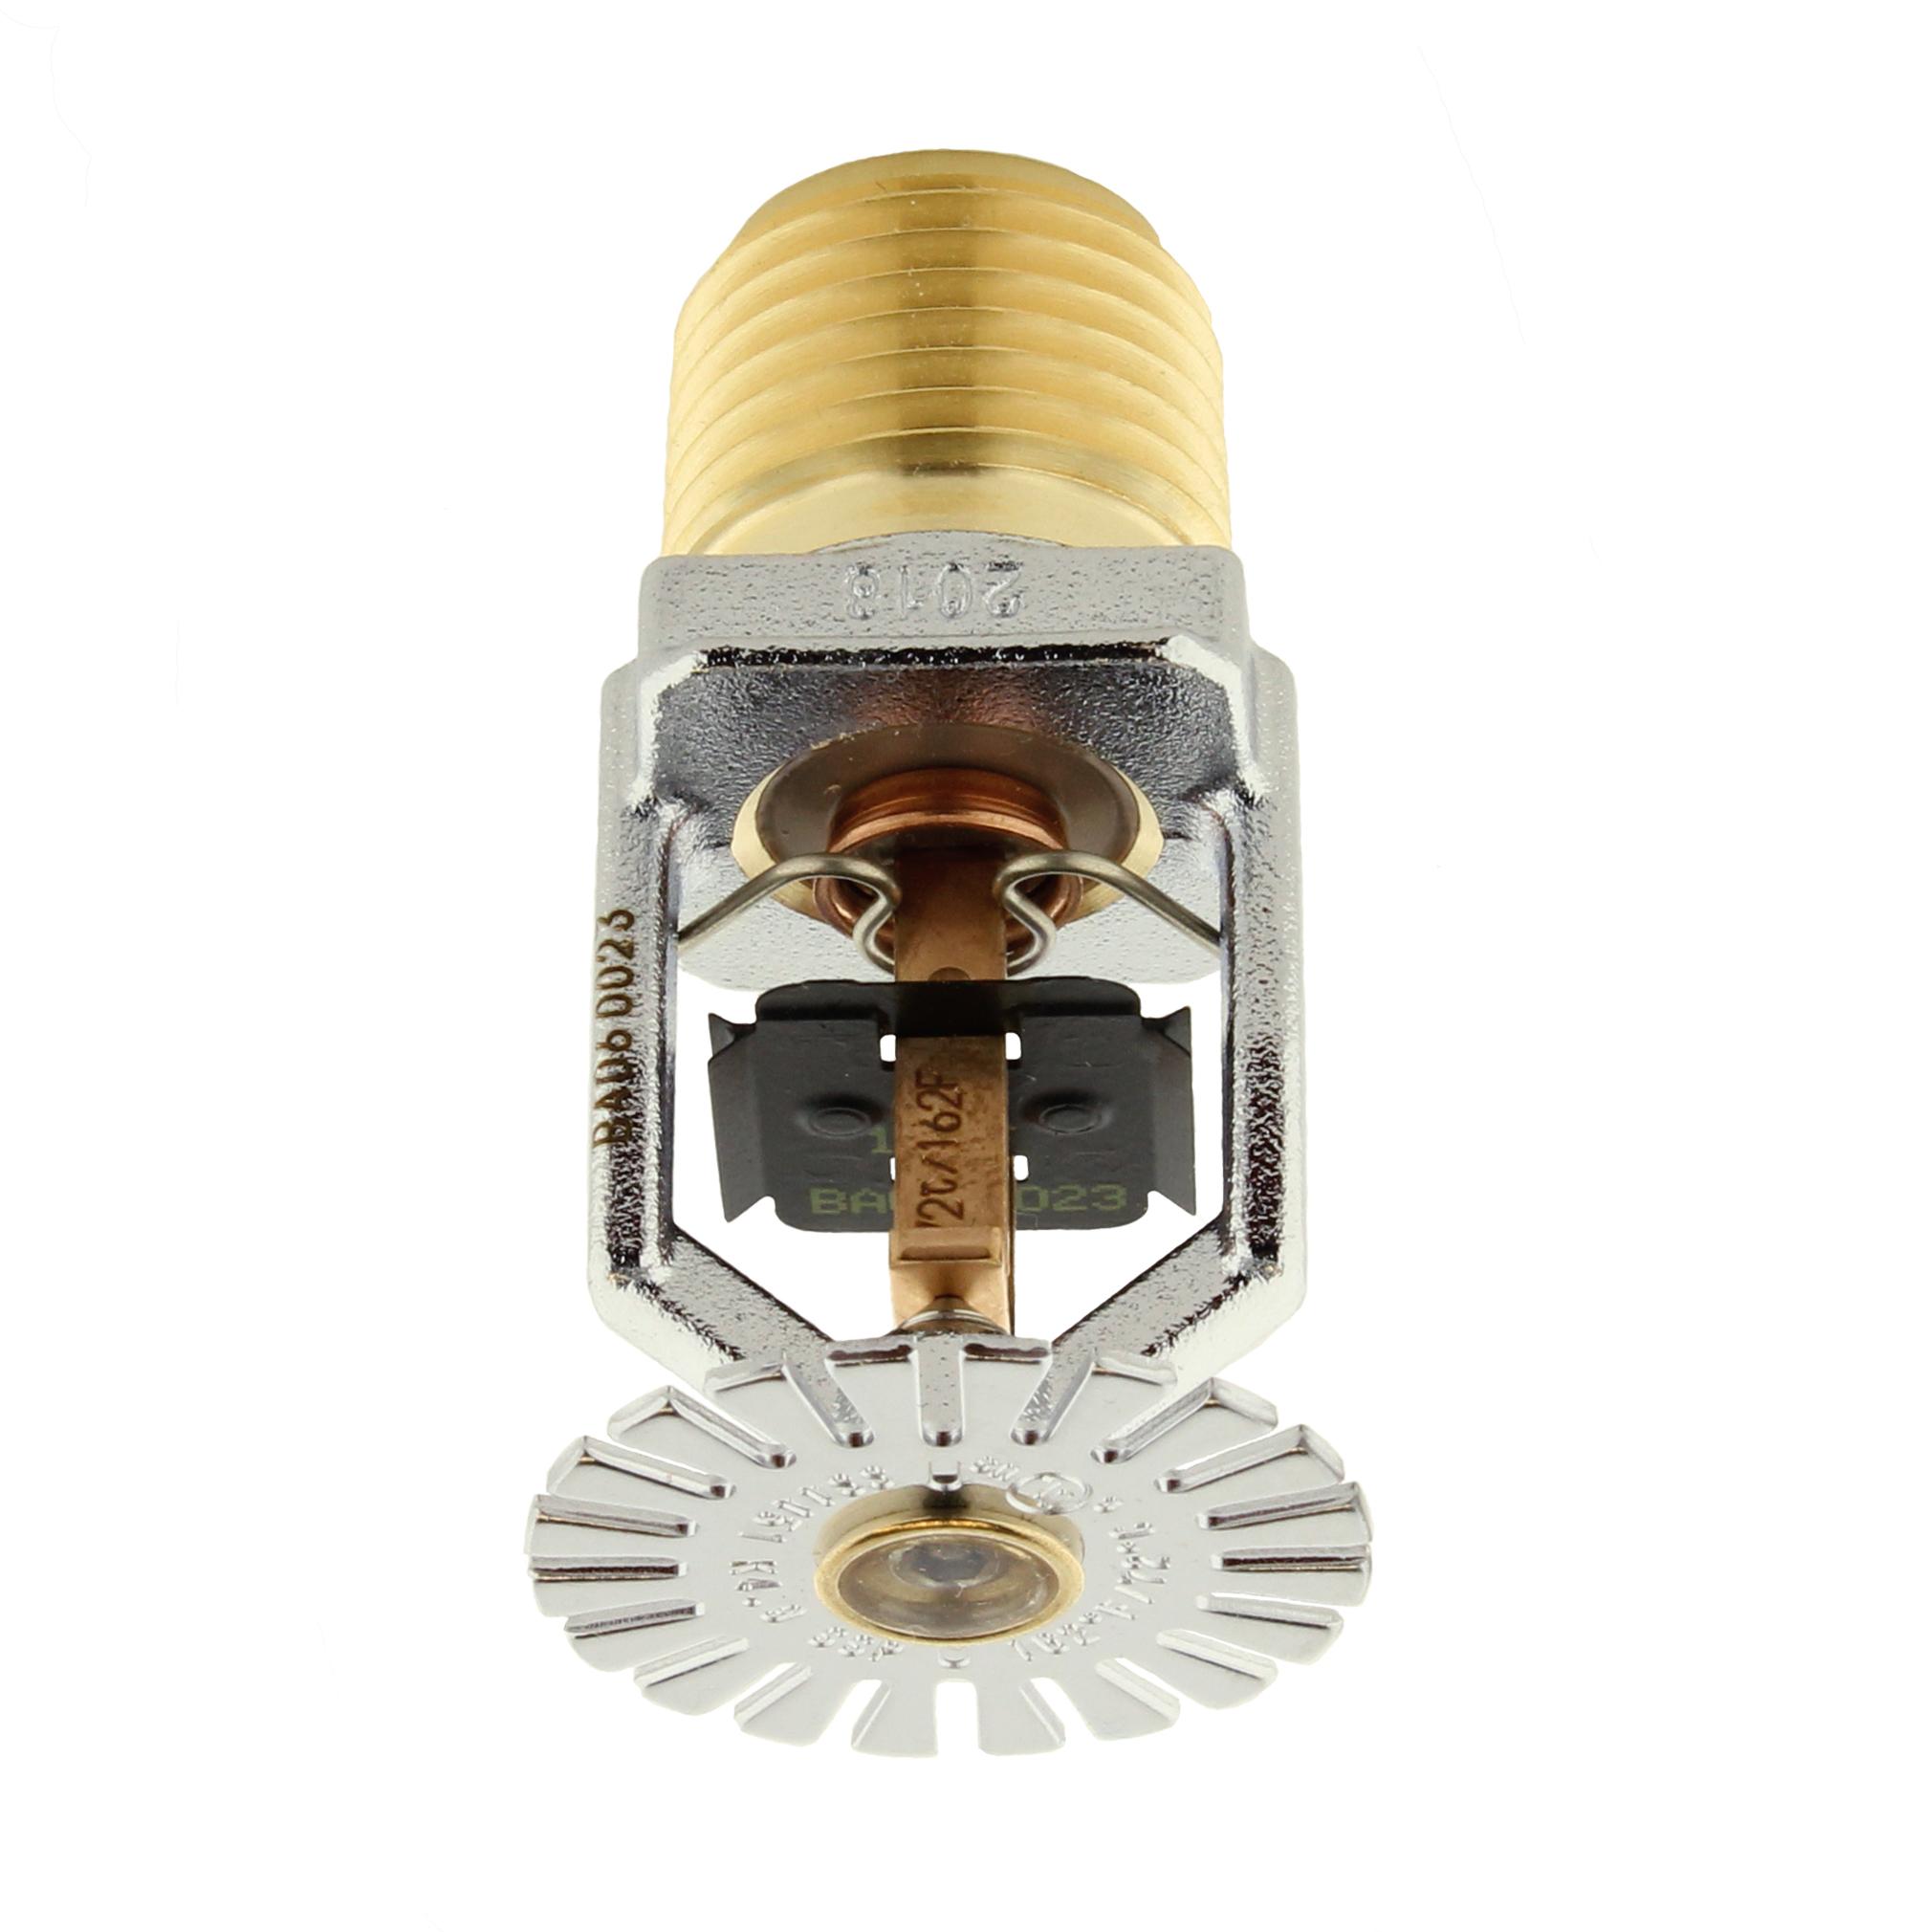 FR-RES 4 9K (SS4451) | Senju Sprinkler - Fire Sprinklers